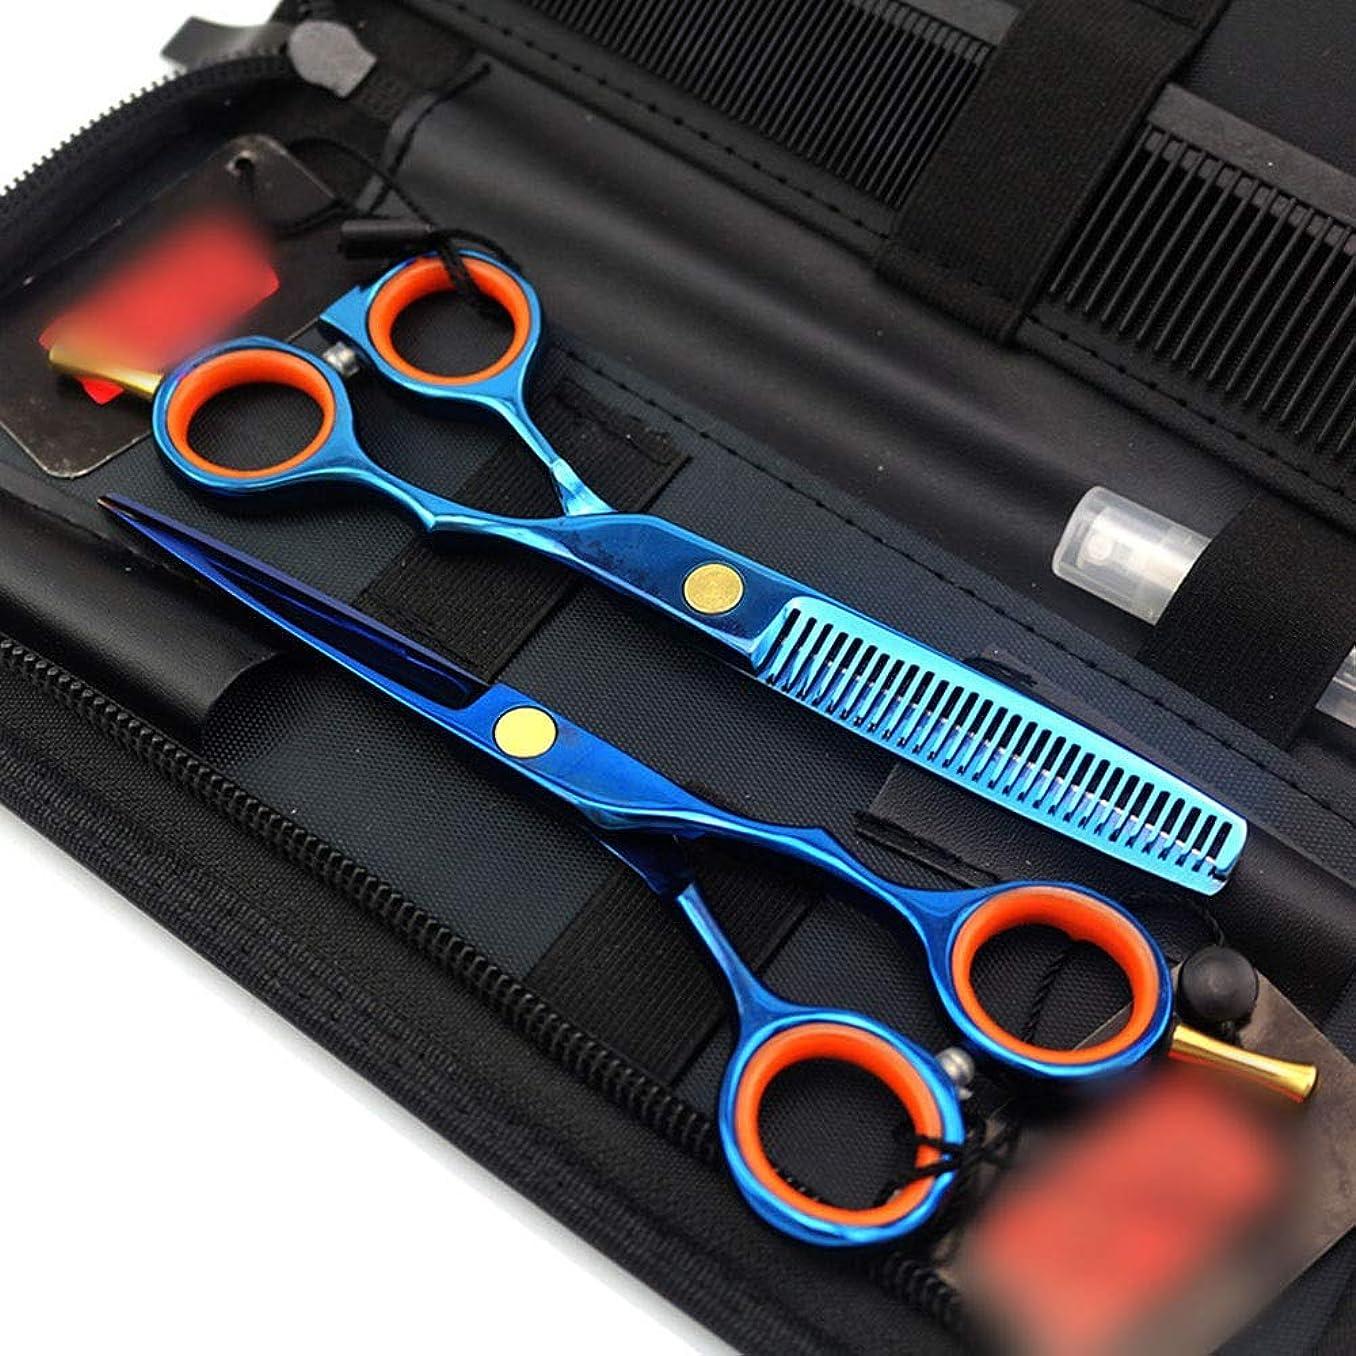 両方気晴らし裂け目5.5インチプロフェッショナル両面ヘアカットセット、ブルー理髪はさみセットフラットシザー+歯シザーセット モデリングツール (色 : 青)